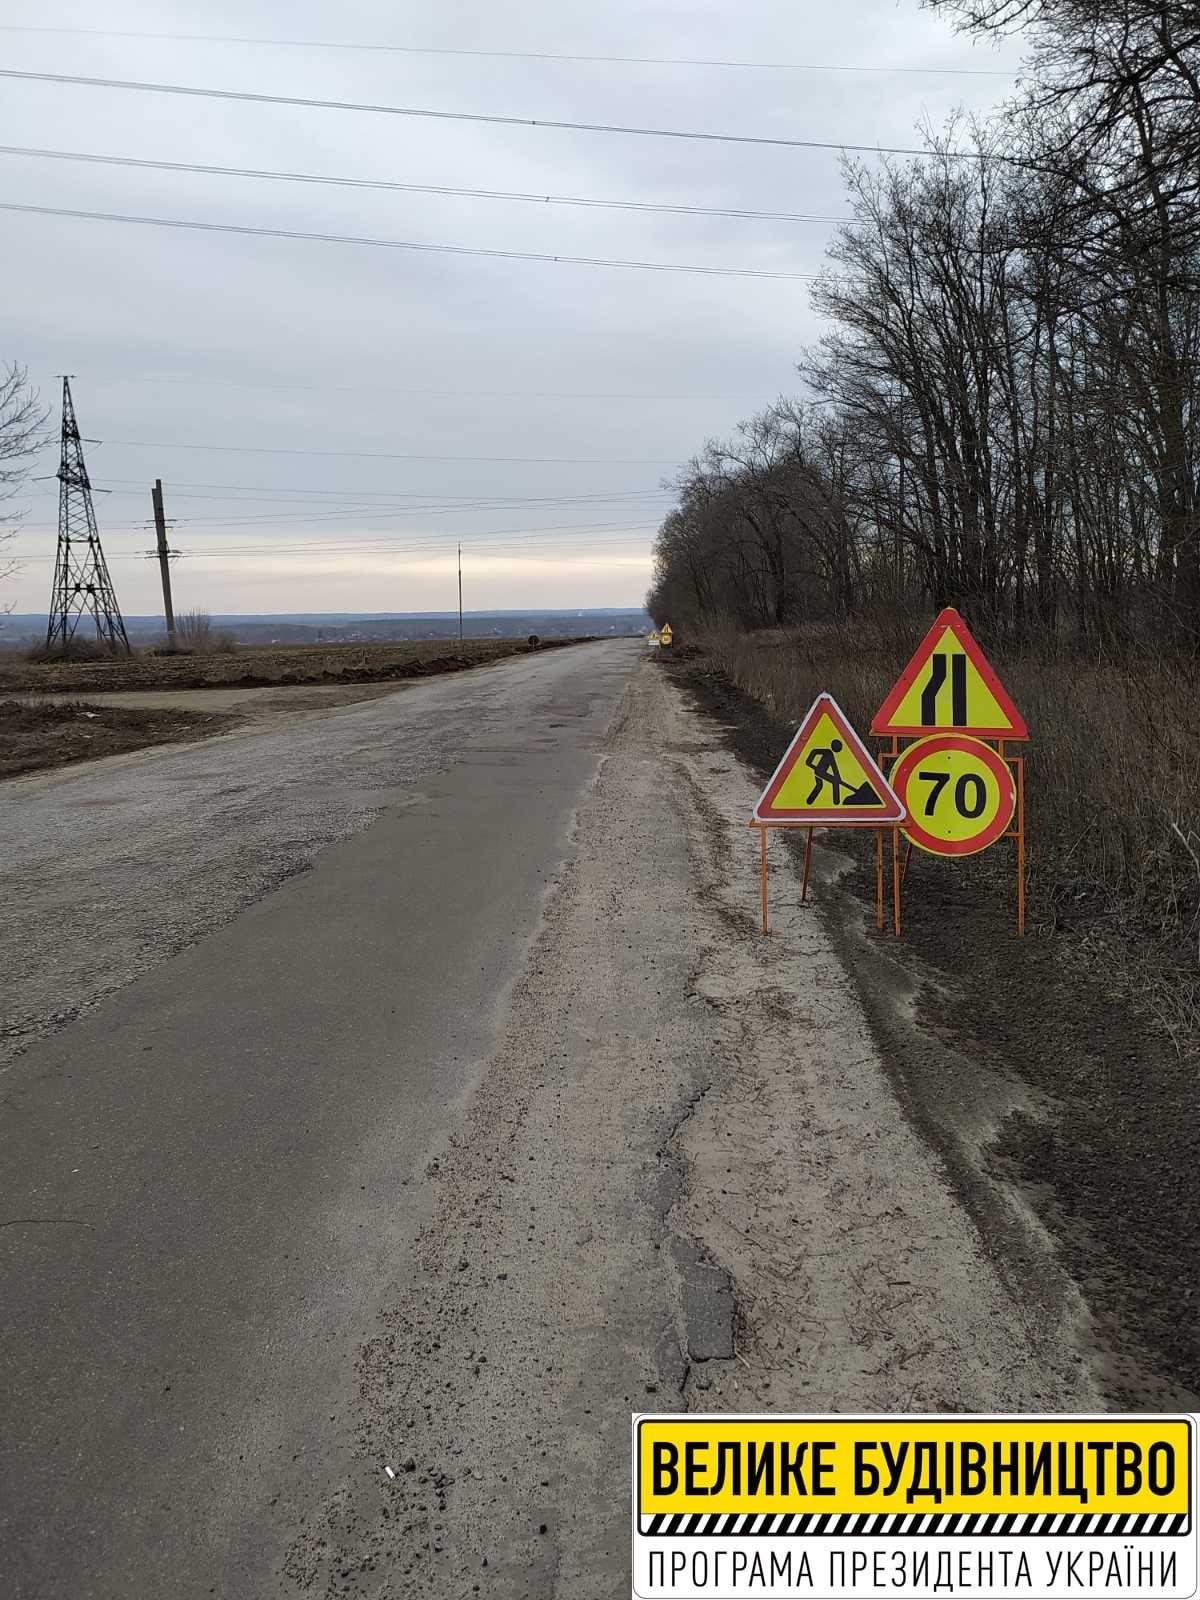 ТОВ «Роад Констракшн» розпочало ремонтні роботи на дорогах Сумщини, фото-1